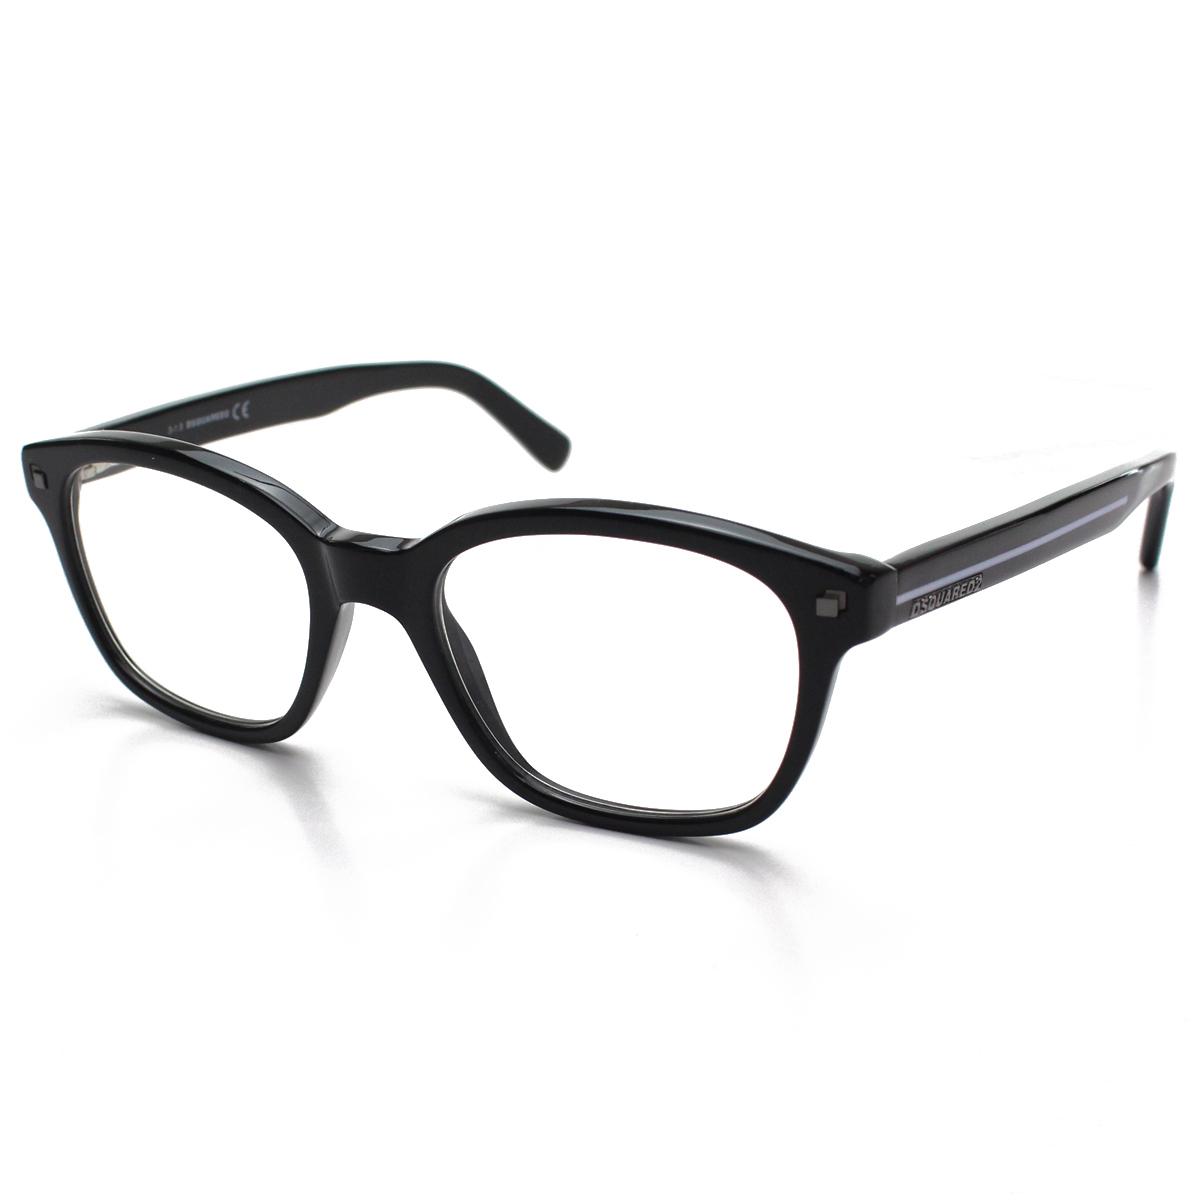 ディースクエアード DSQUARED2 ダテ眼鏡 メガネフレーム DQ5175 001 メンズ